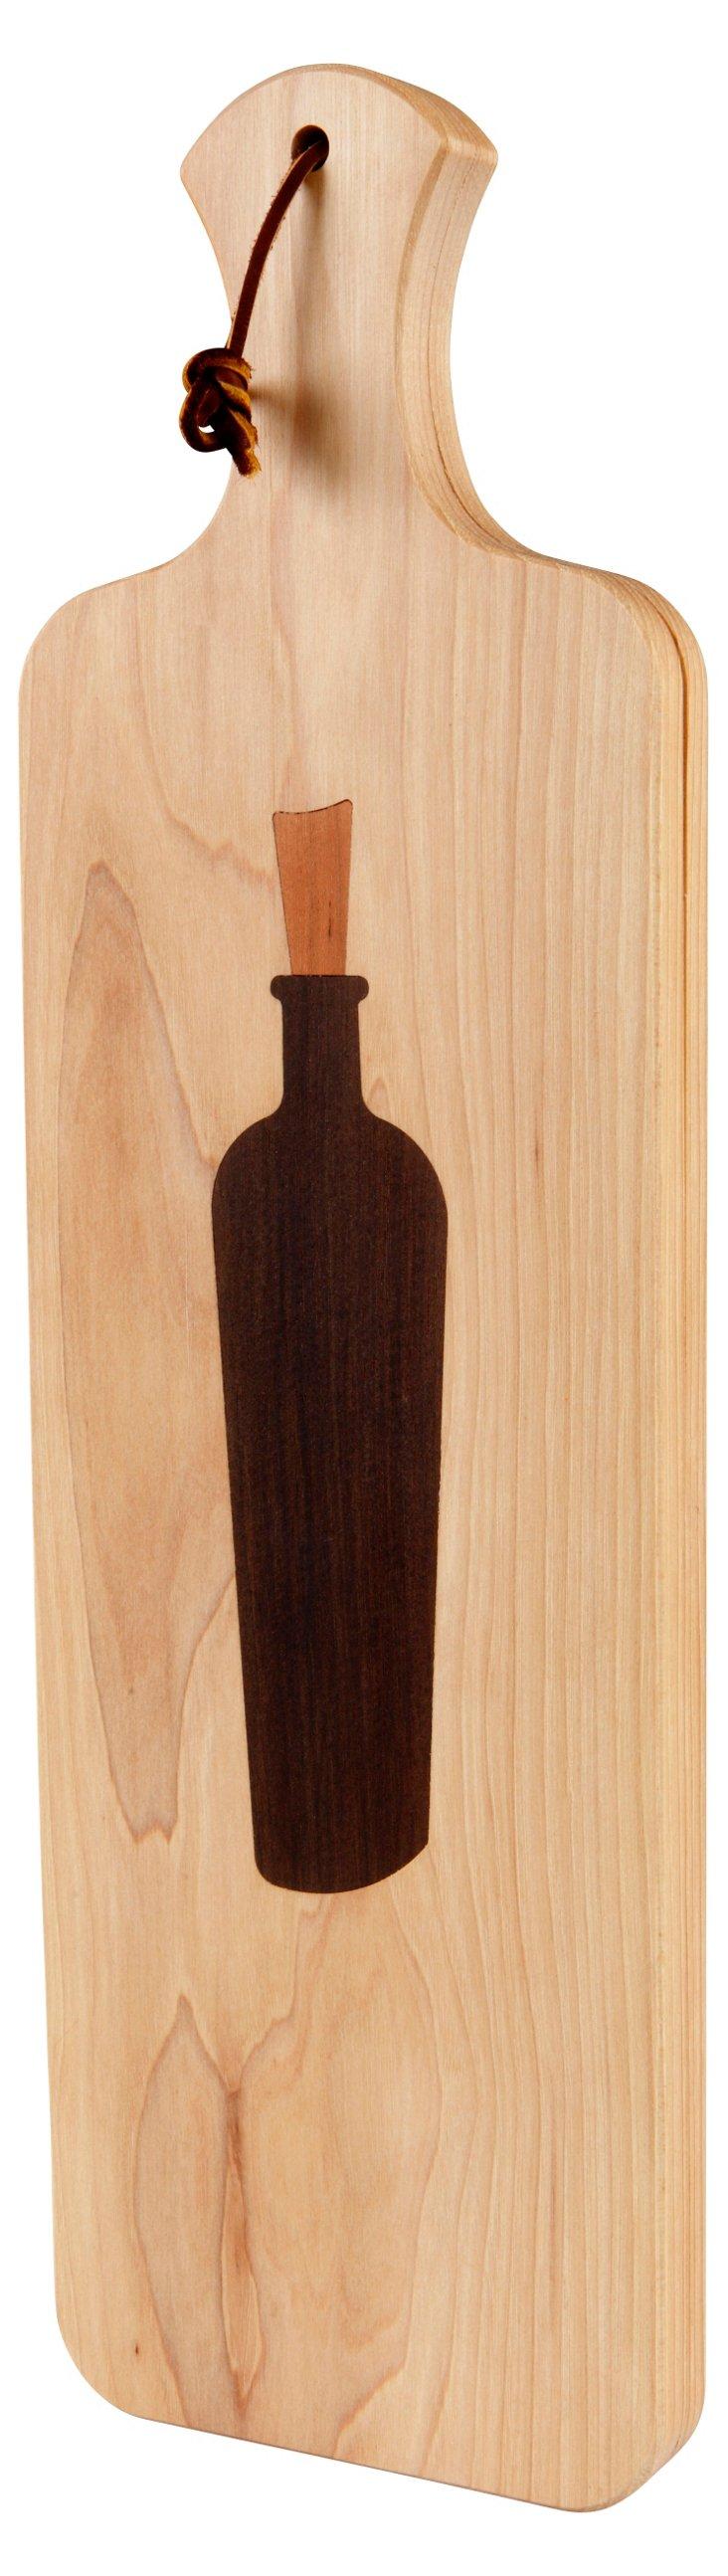 Artisan Board, Wine Bottle